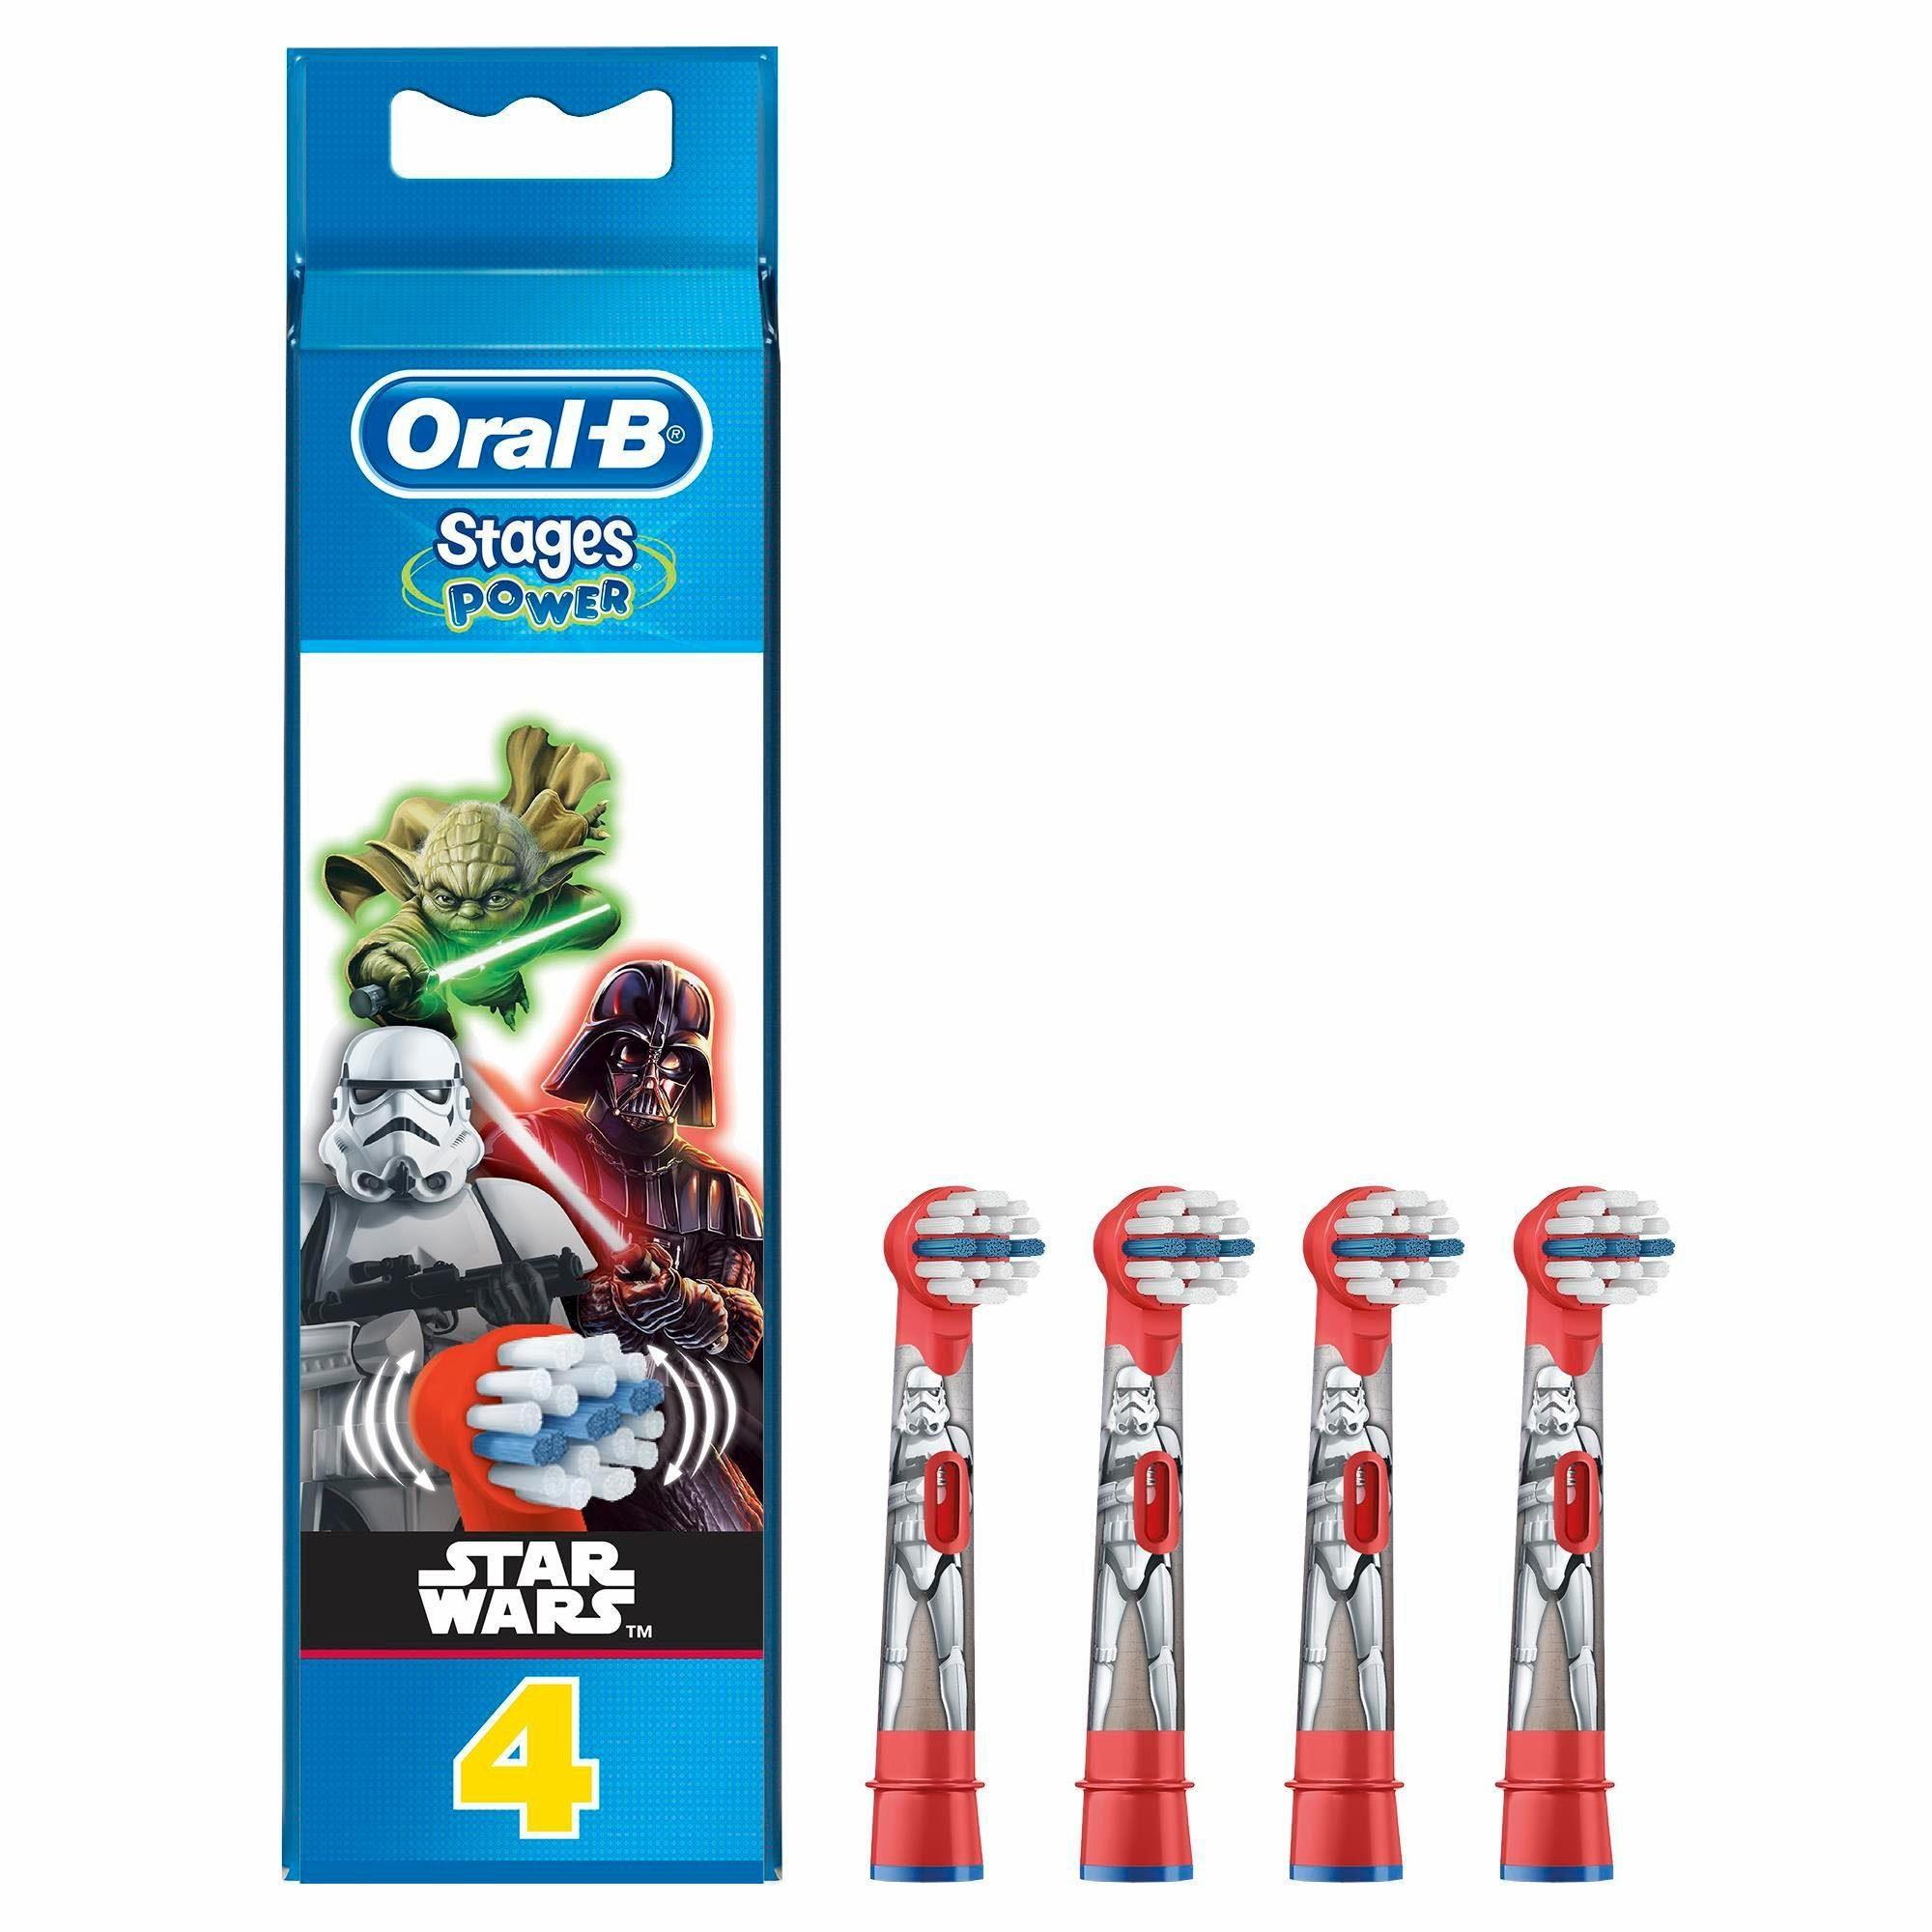 Oral-B Aufsteckbürsten Stages Power, Star Wars, 4er Pack